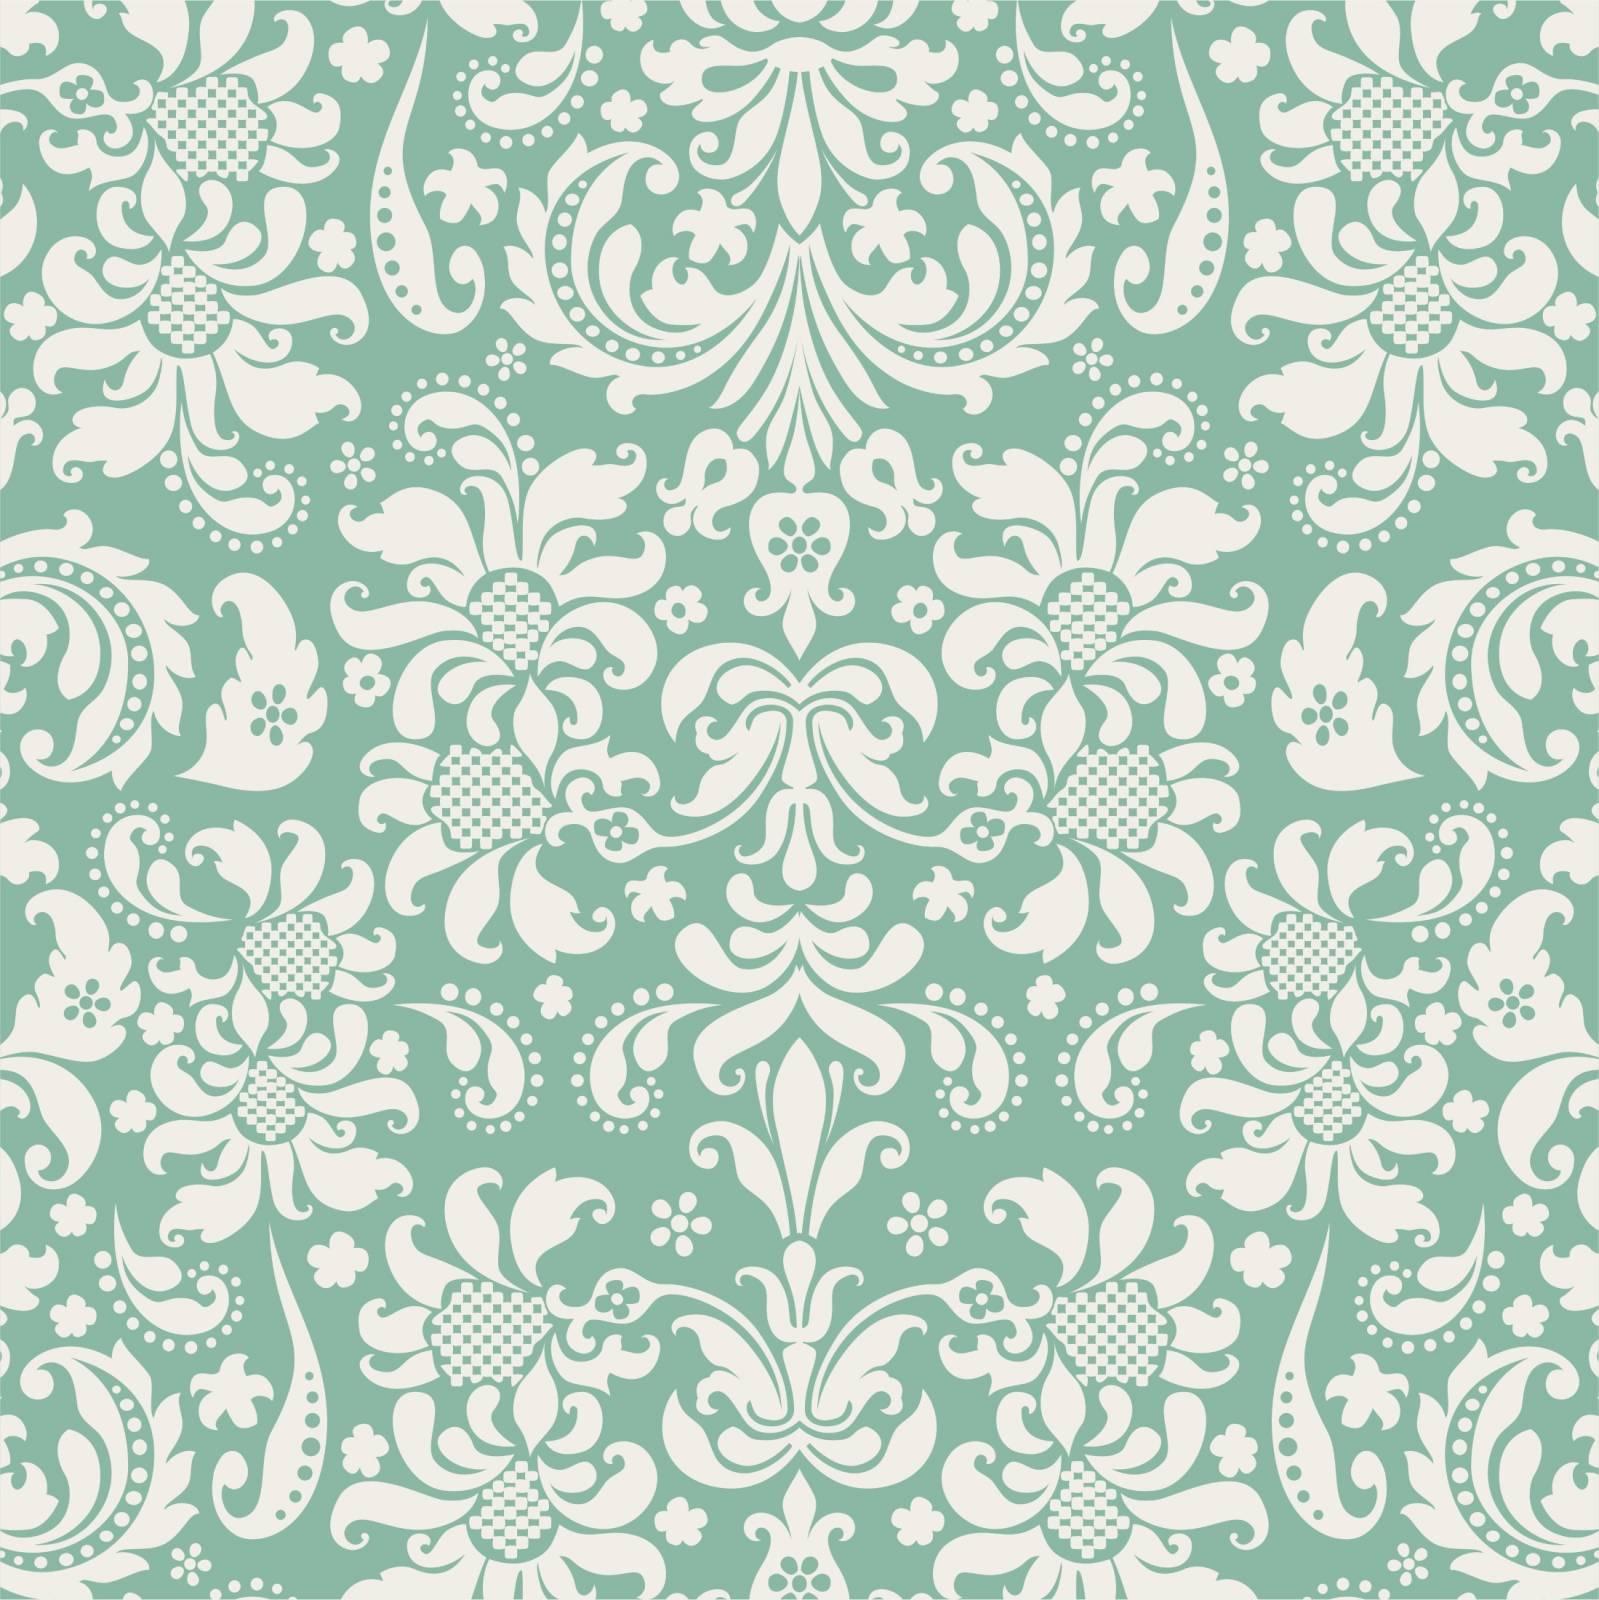 Papel de Parede Verde e Branco | Adesivo Vinilico imagem 1